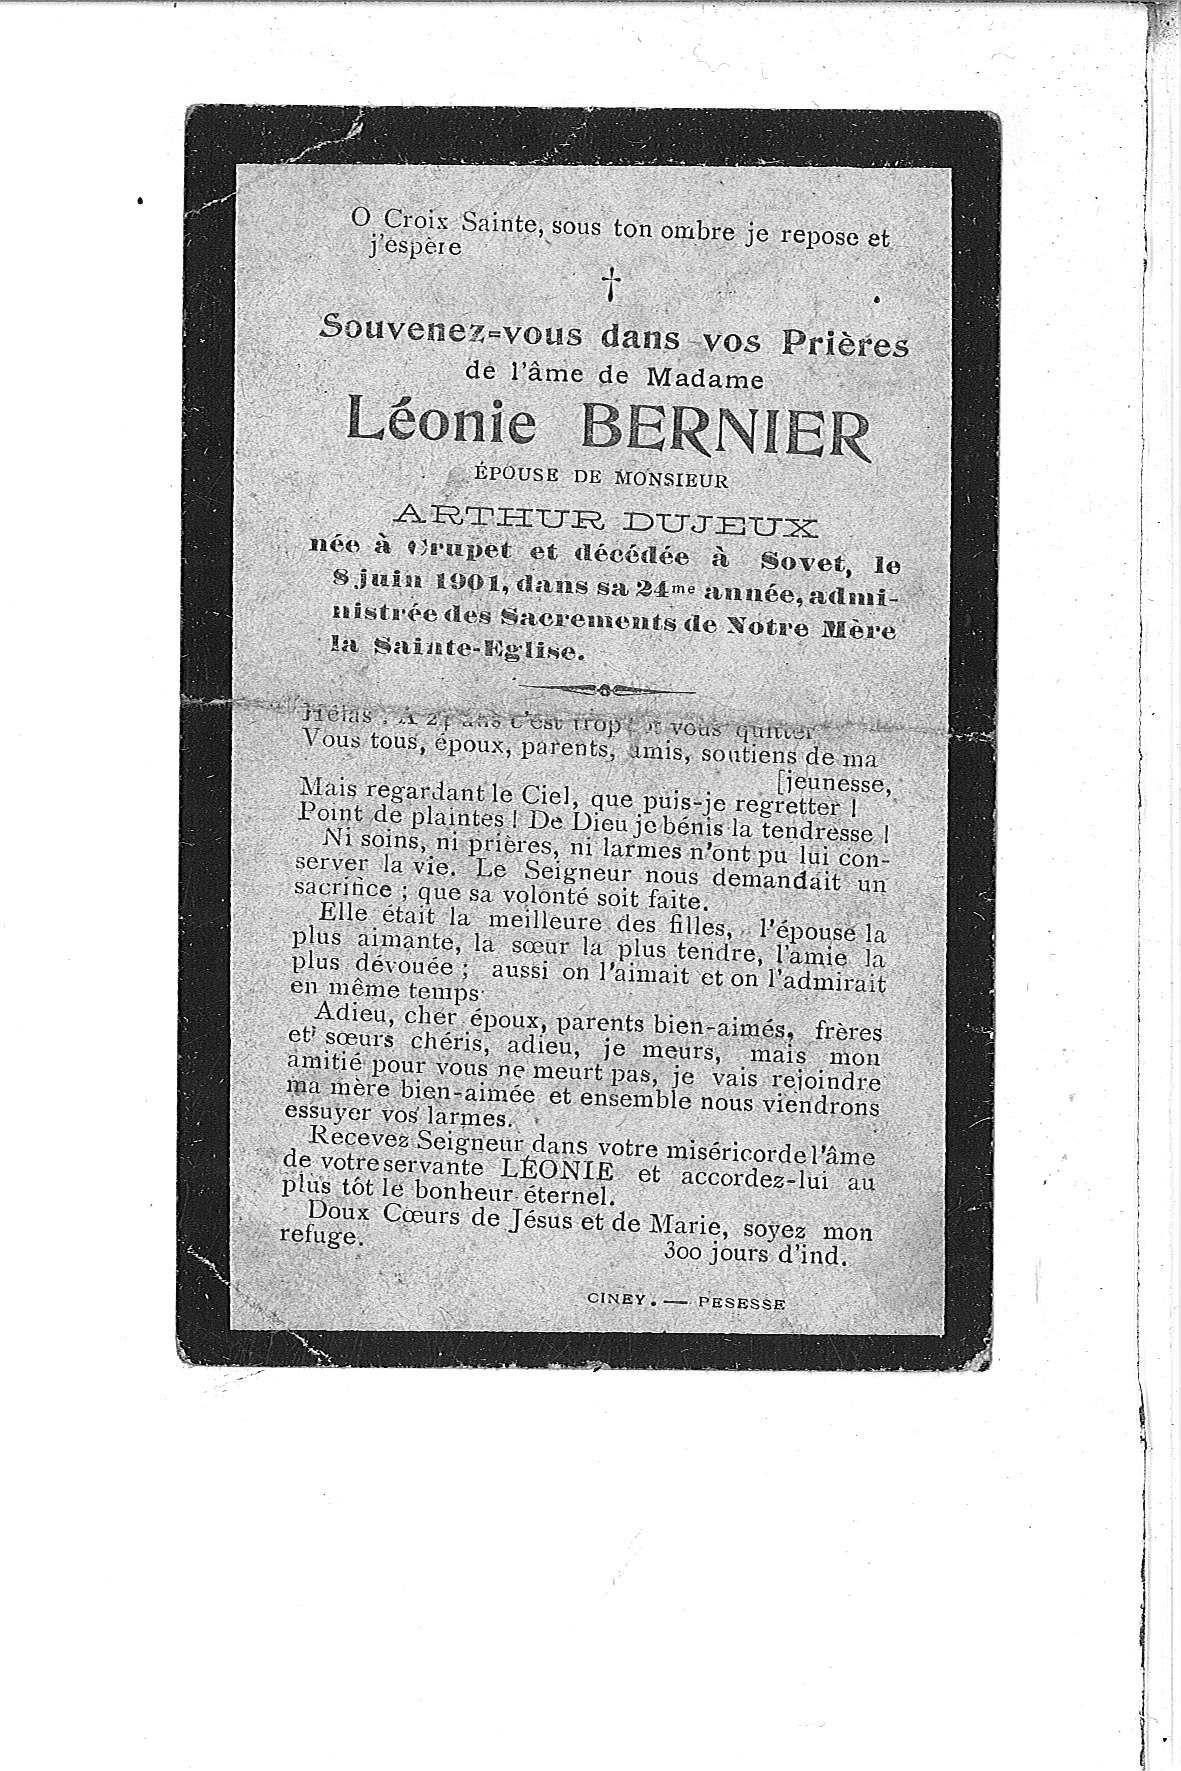 Léonie(1901)20110114142811_00034.jpg